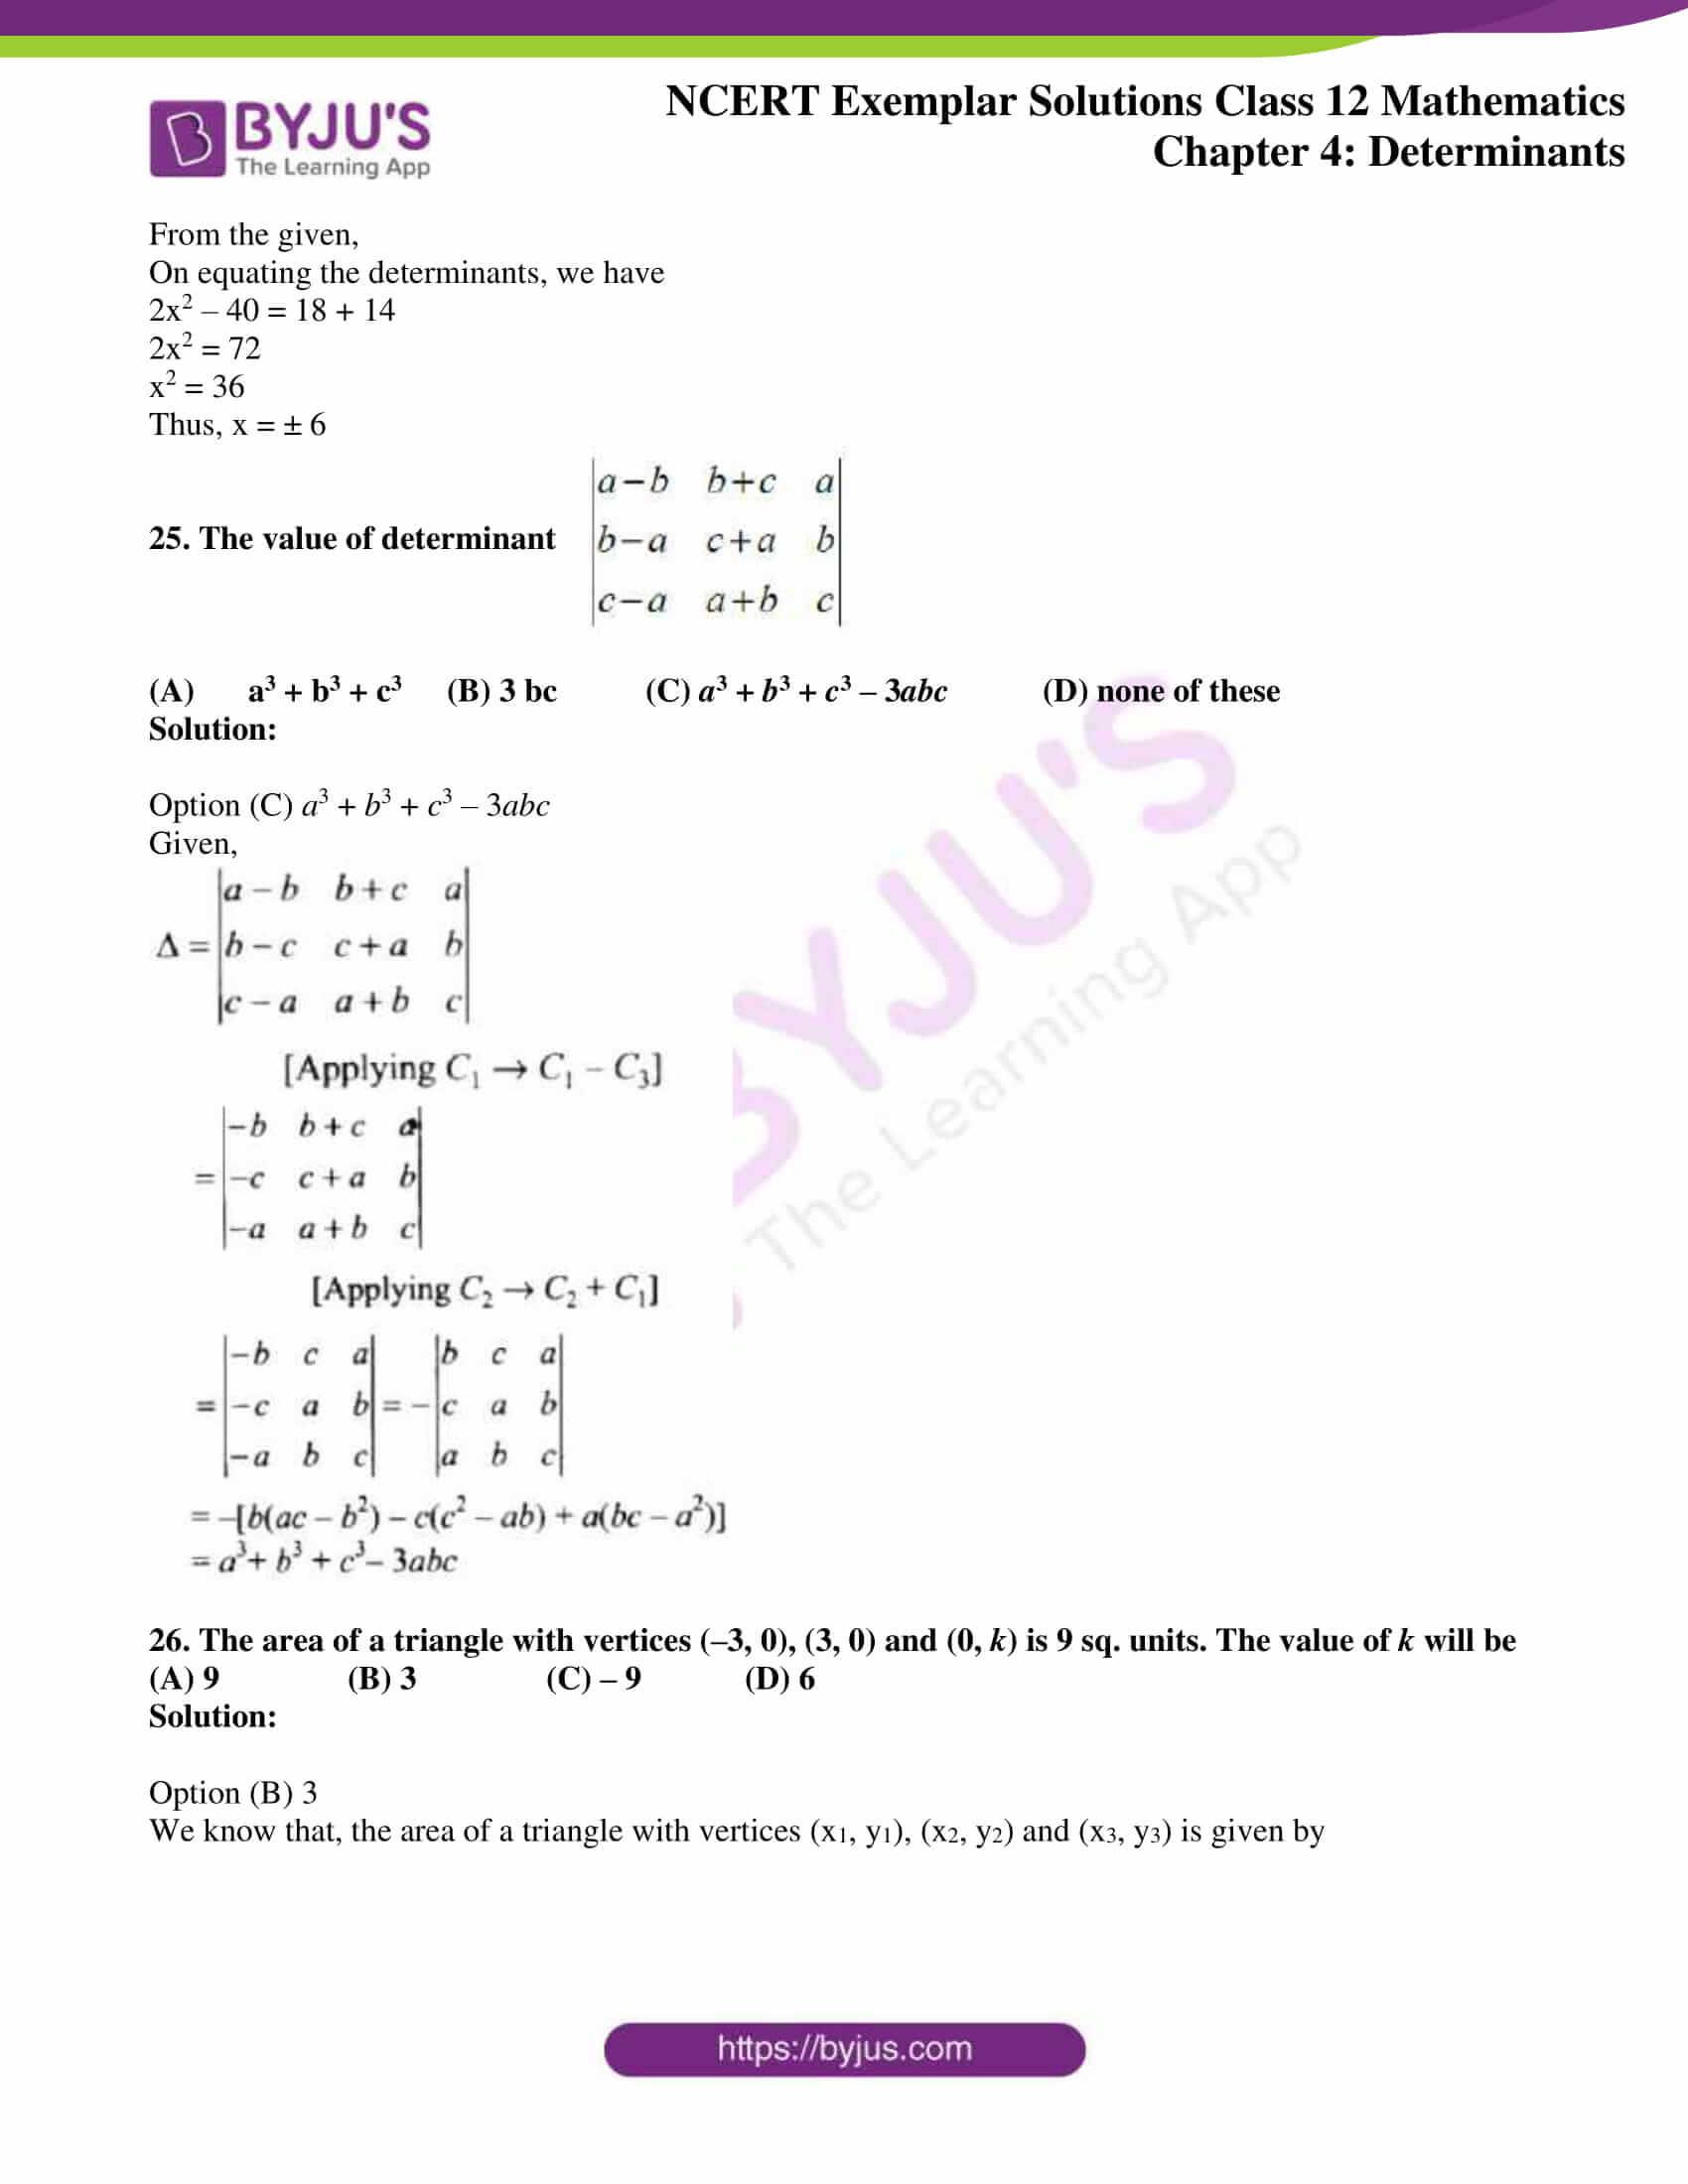 ncert exemplar sol class 12 math ch4 19